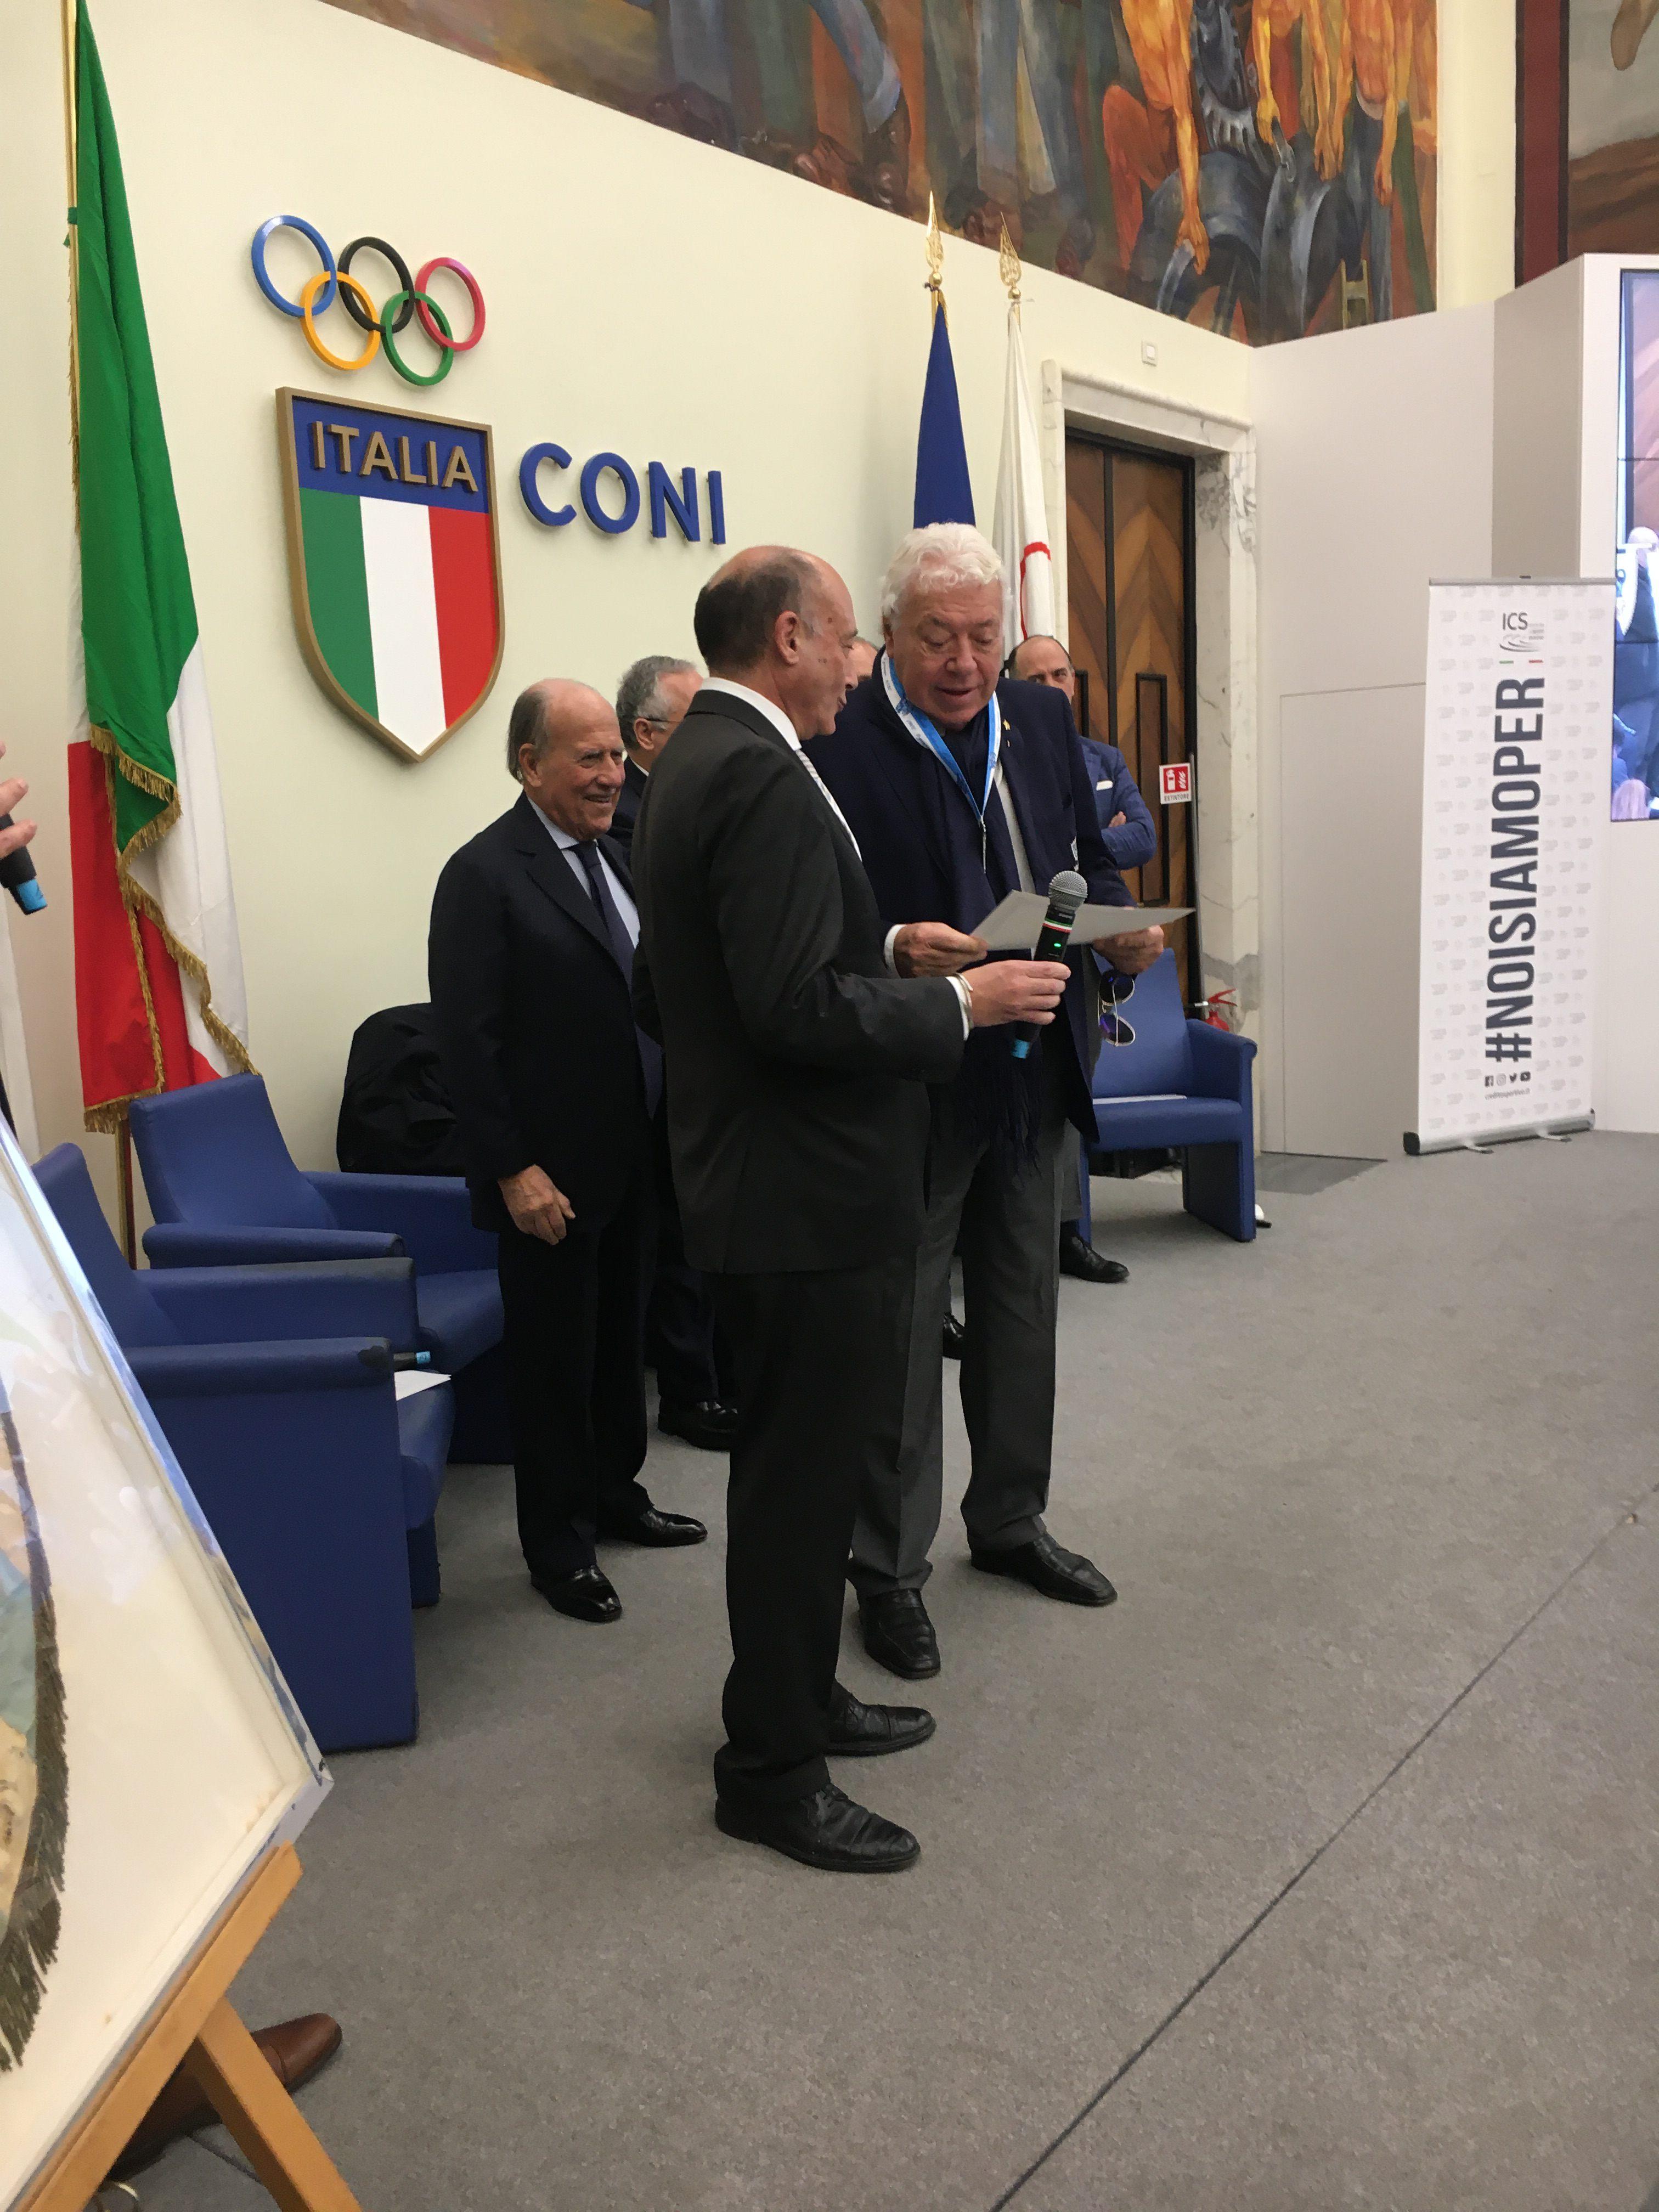 Premiazione di Nicola Pietrangeli, ottantaseienne.